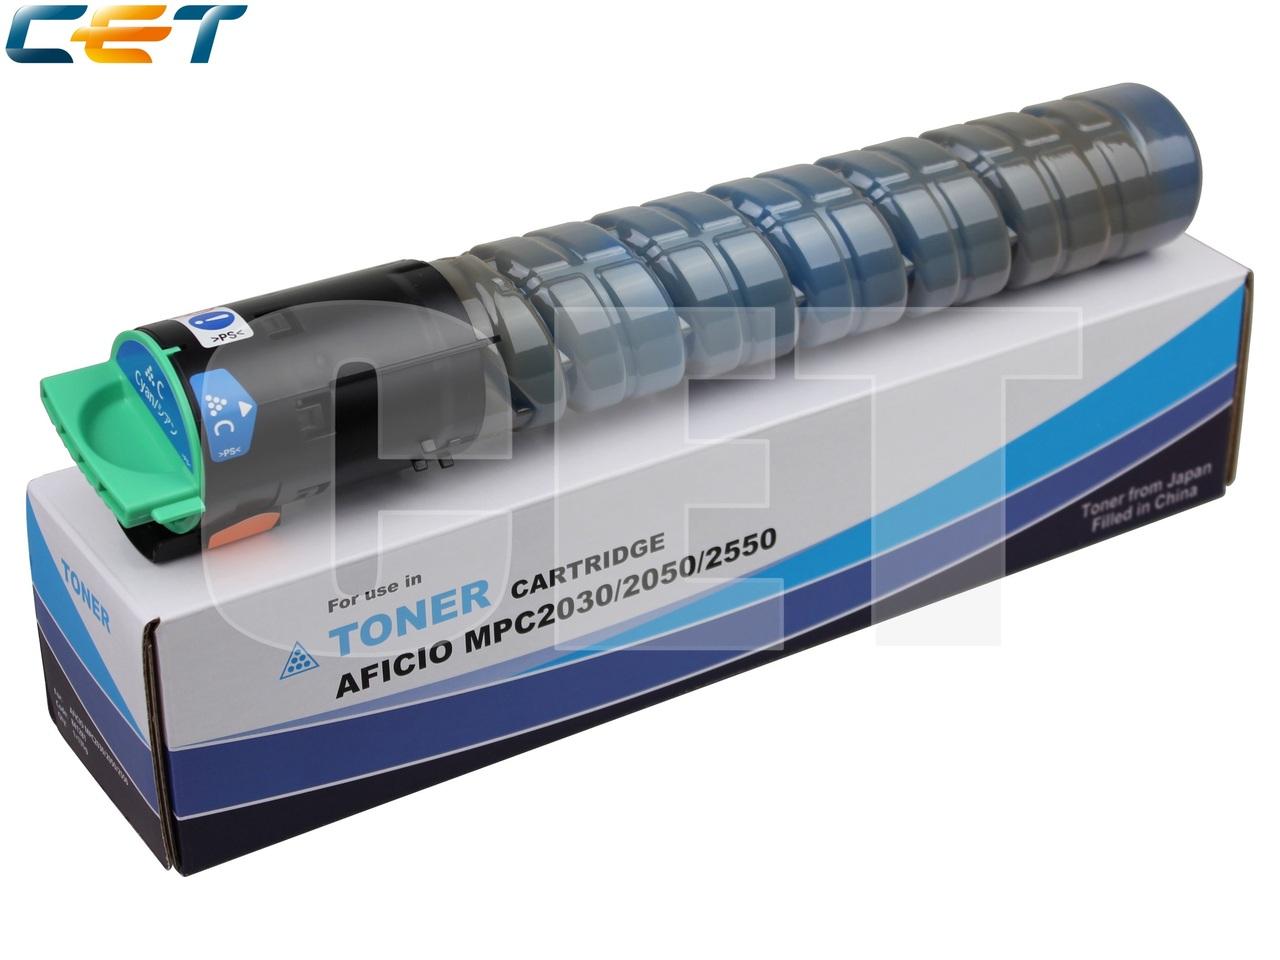 Тонер-картридж (Type 516) 841197 для RICOH AficioMPC2030/MPC2050/MPC2550/MPC2051/MPC2551 (CET) Cyan,135г, 5500 стр., CET6408